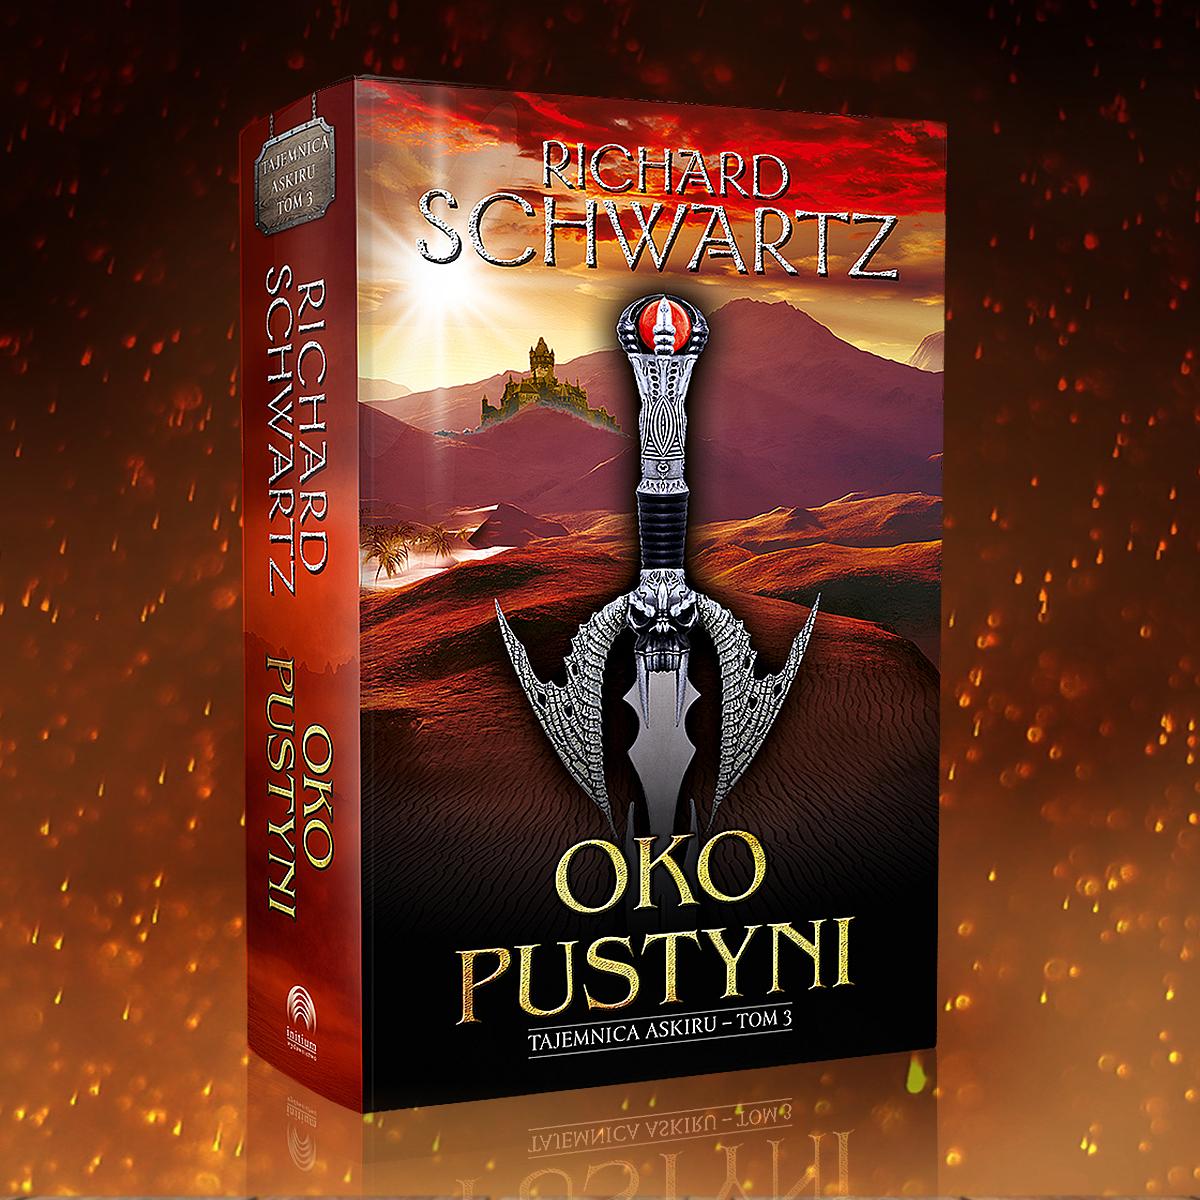 """""""Oko Pustyni"""", czyli III tom serii """"Tajemnica Askiru"""" Richarda Schwartza już wkrótce w księgarniach!"""